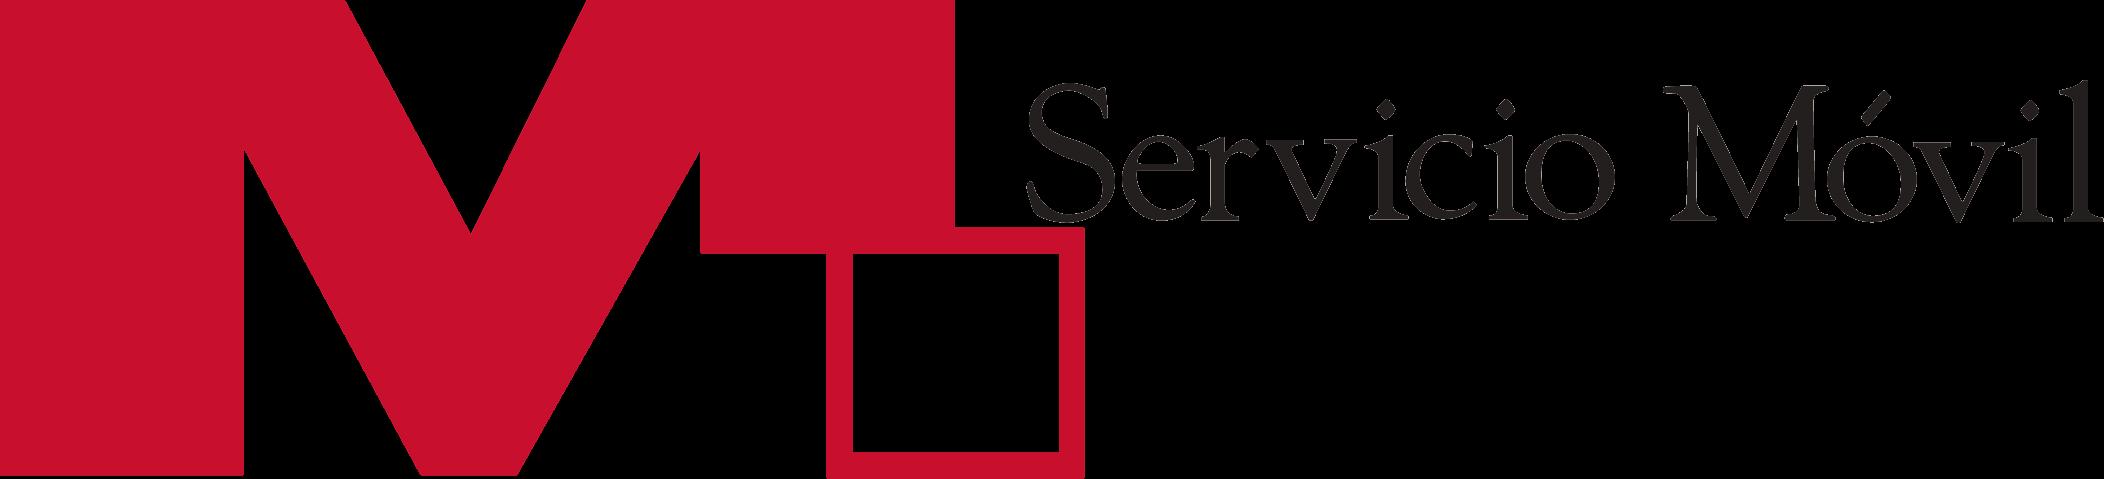 Servicio Móvil